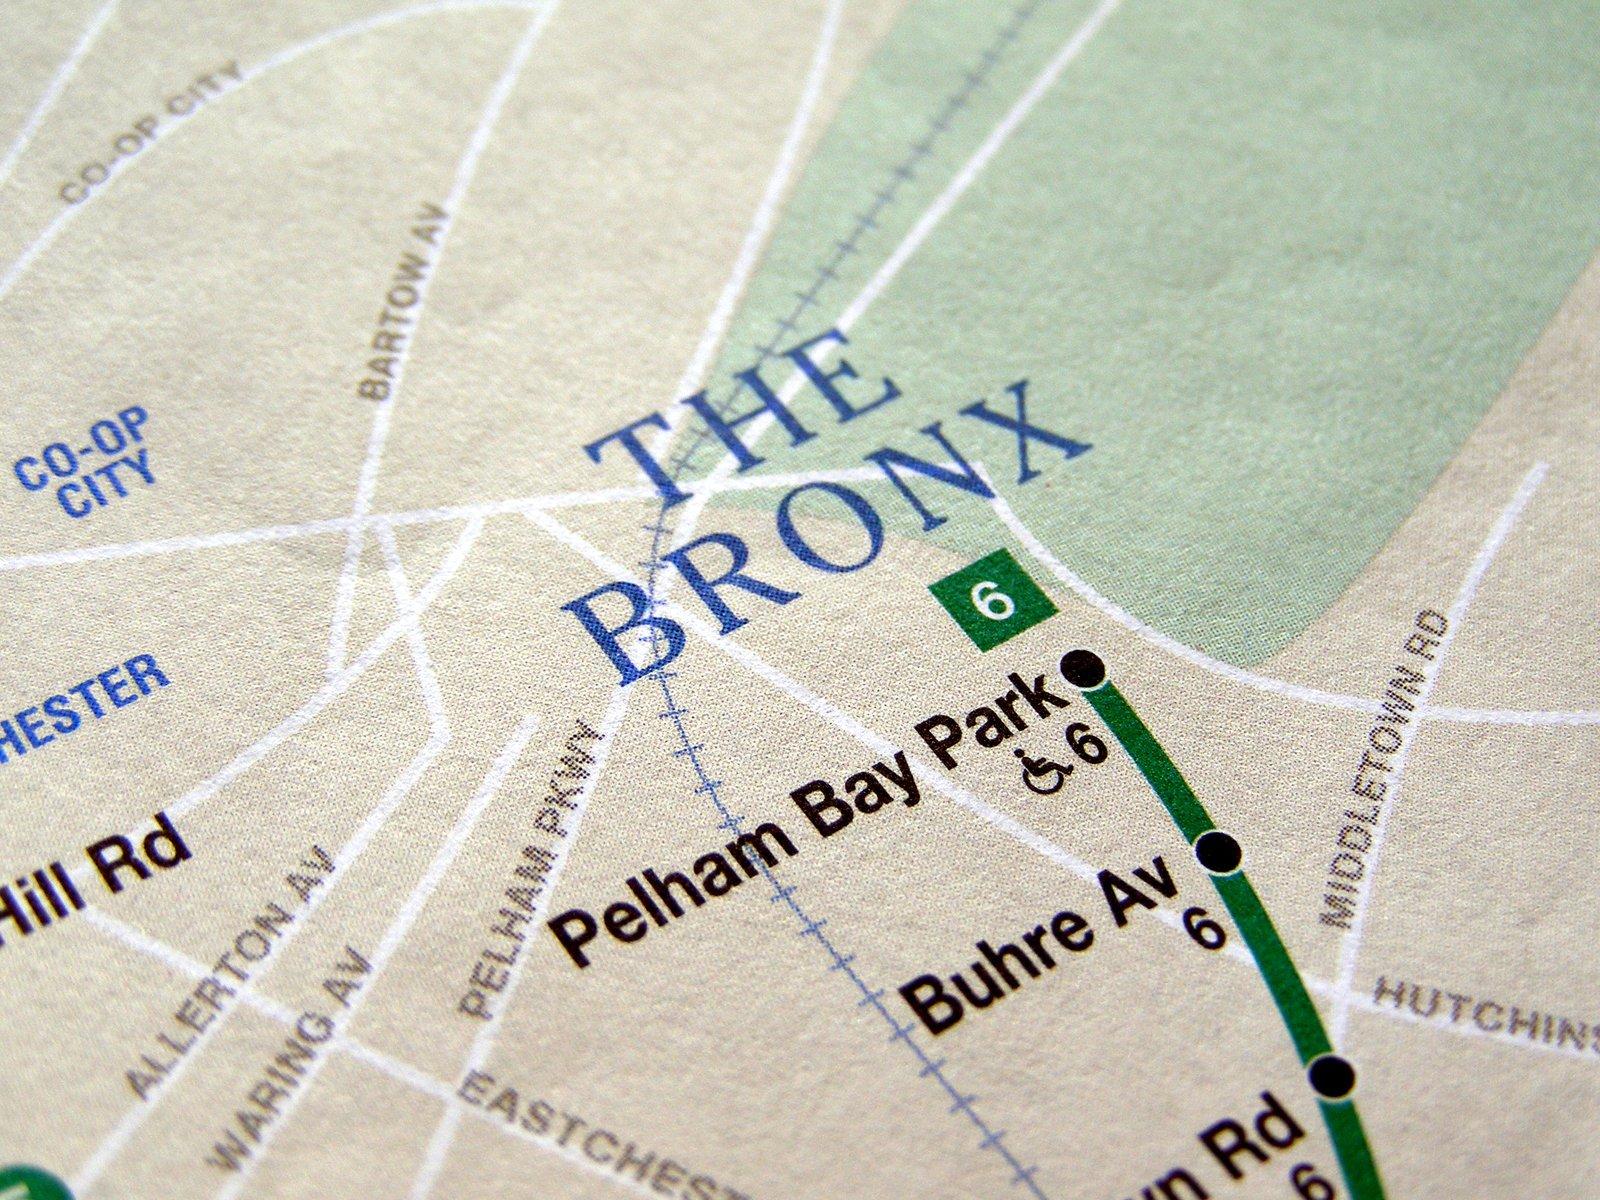 Bronx River Bronx, NY Private Investigator